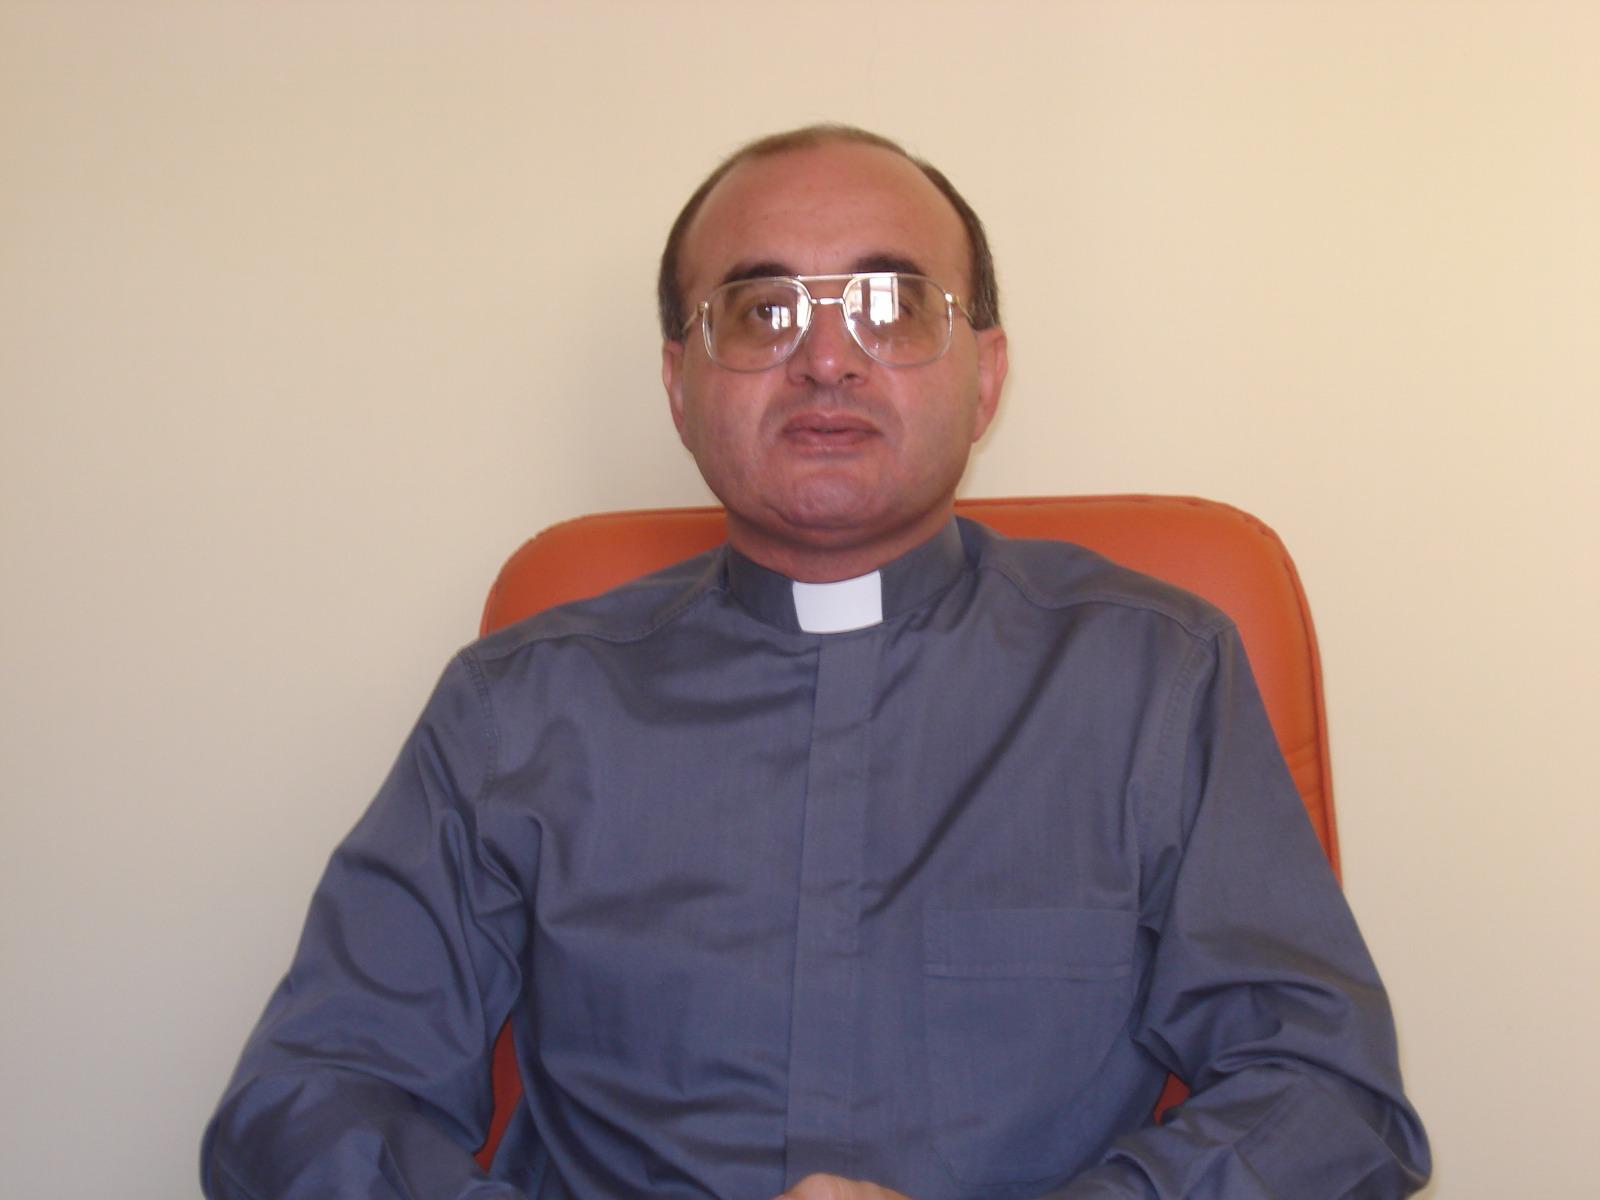 Muore parroco del Vibonese: un infarto a 56 anniLutto nella Chiesa: il sacerdote si è spento nel sonno